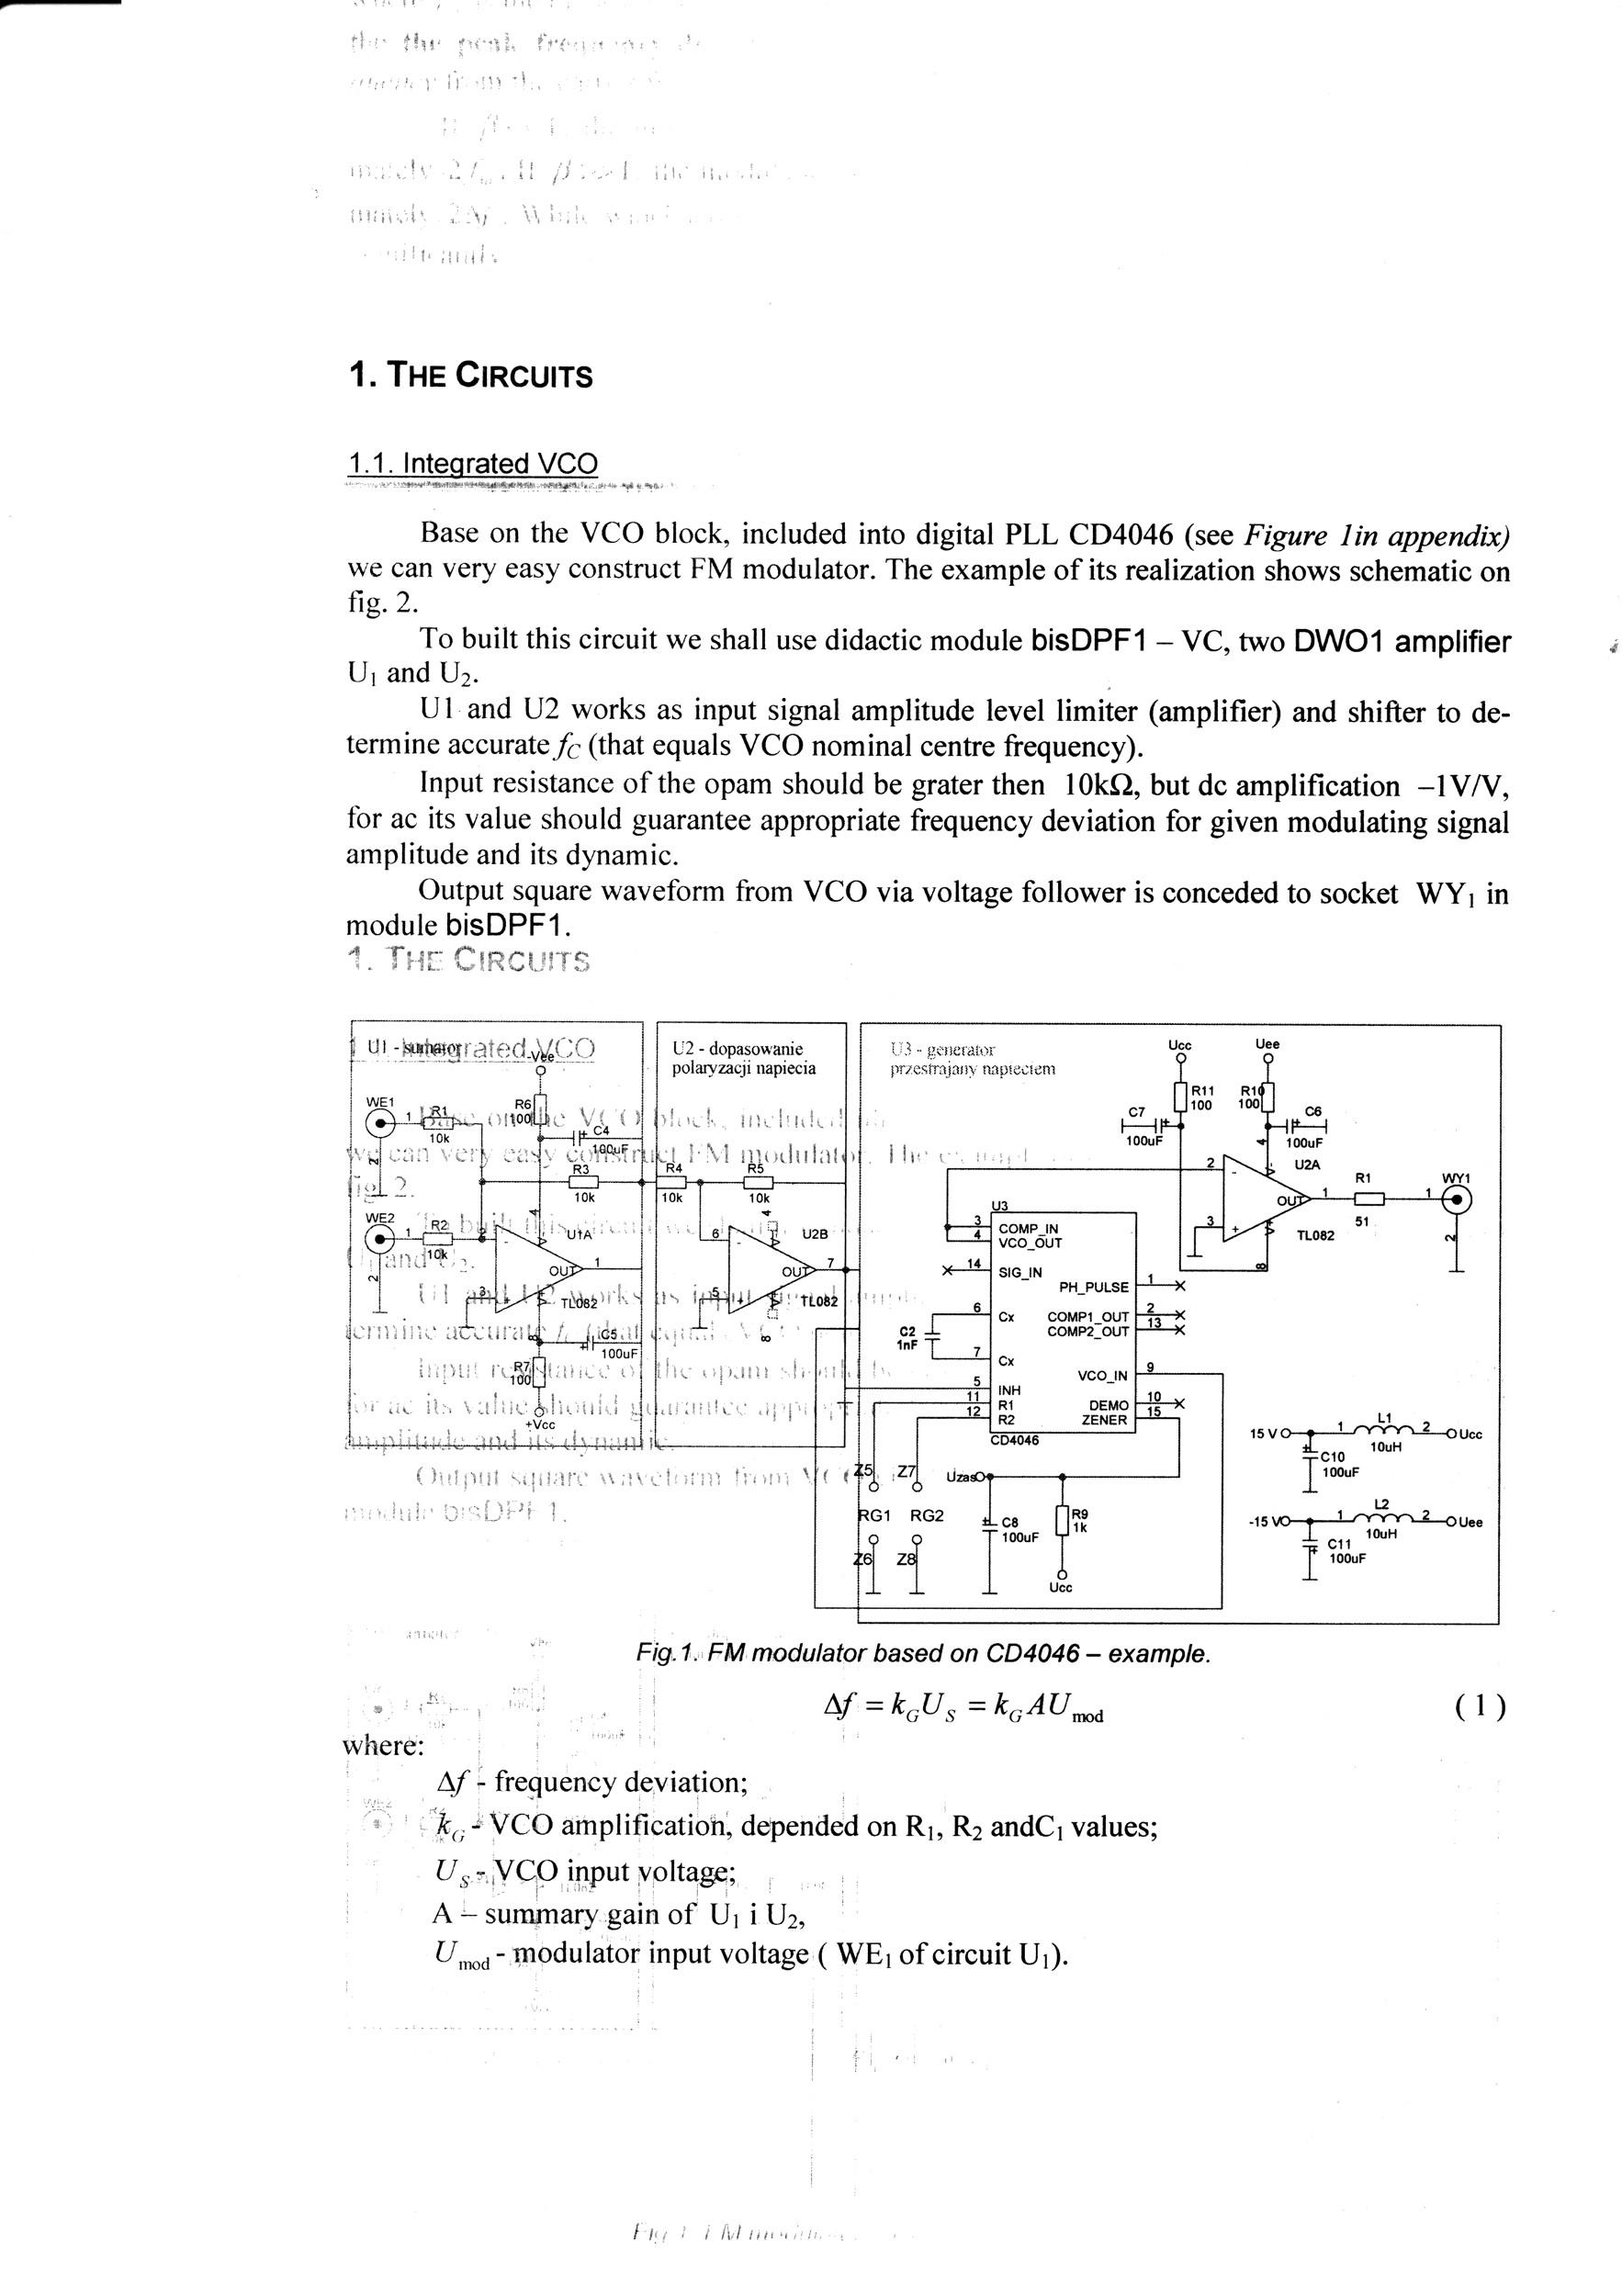 Brother MFC-7820N - brudzi wydruki pomimo wymiany b�bna i tonera